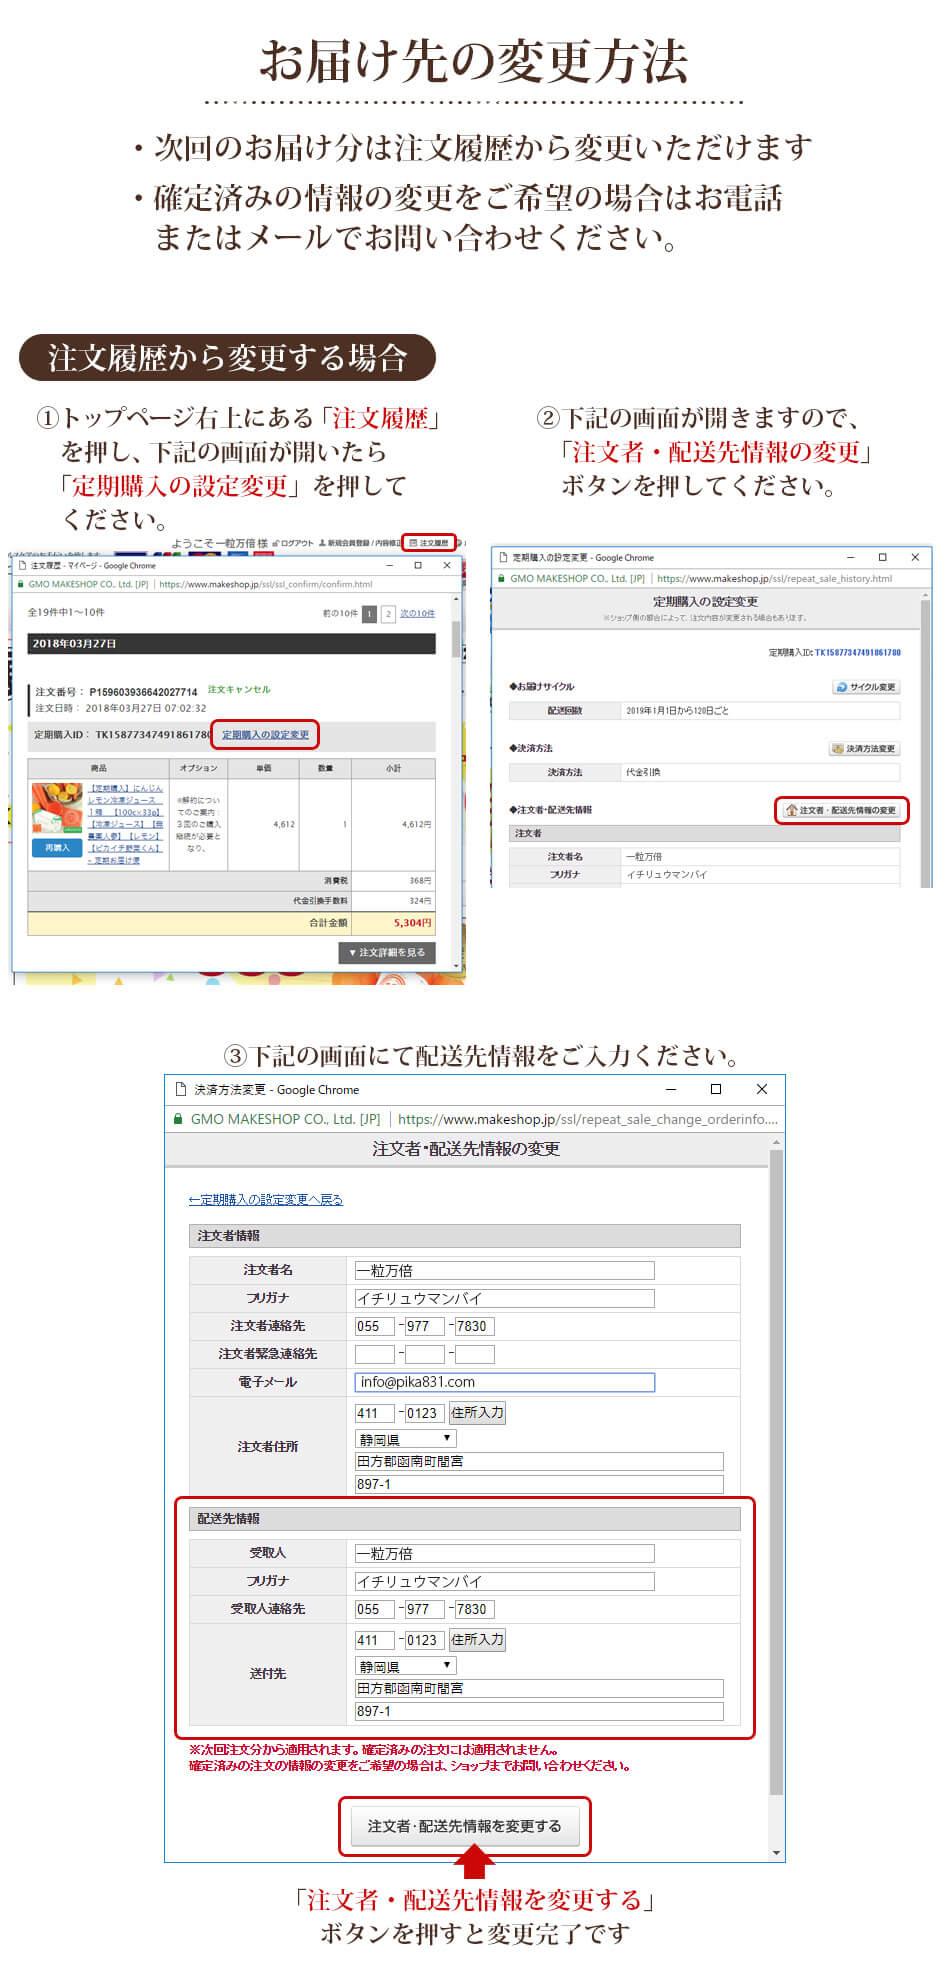 お届け先の変更方法 ・次回のお届け文は注文履歴から変更いただけます ・確定済みの情報の変更をご希望の場合はお電話またはメールでお問合せください